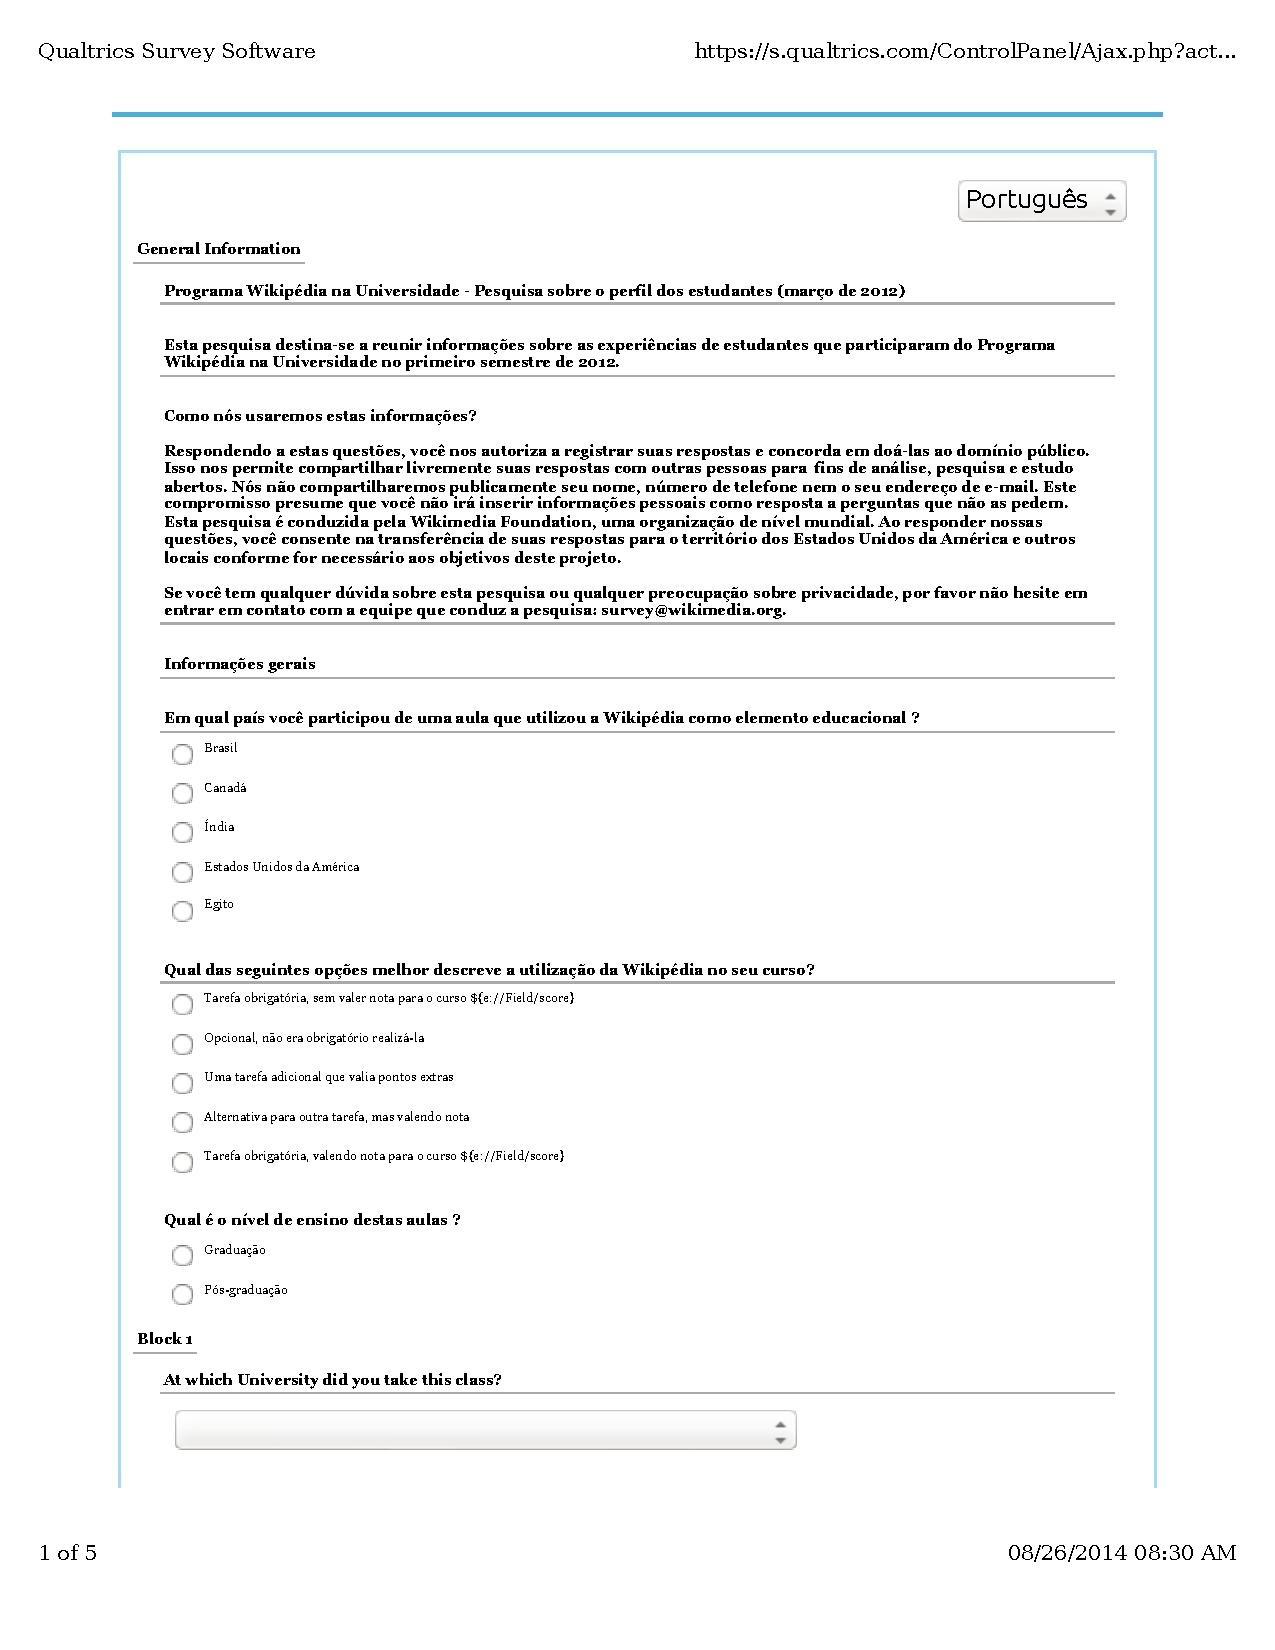 File:wep Student Survey End Of Spring 2012 Pt-Br.pdf